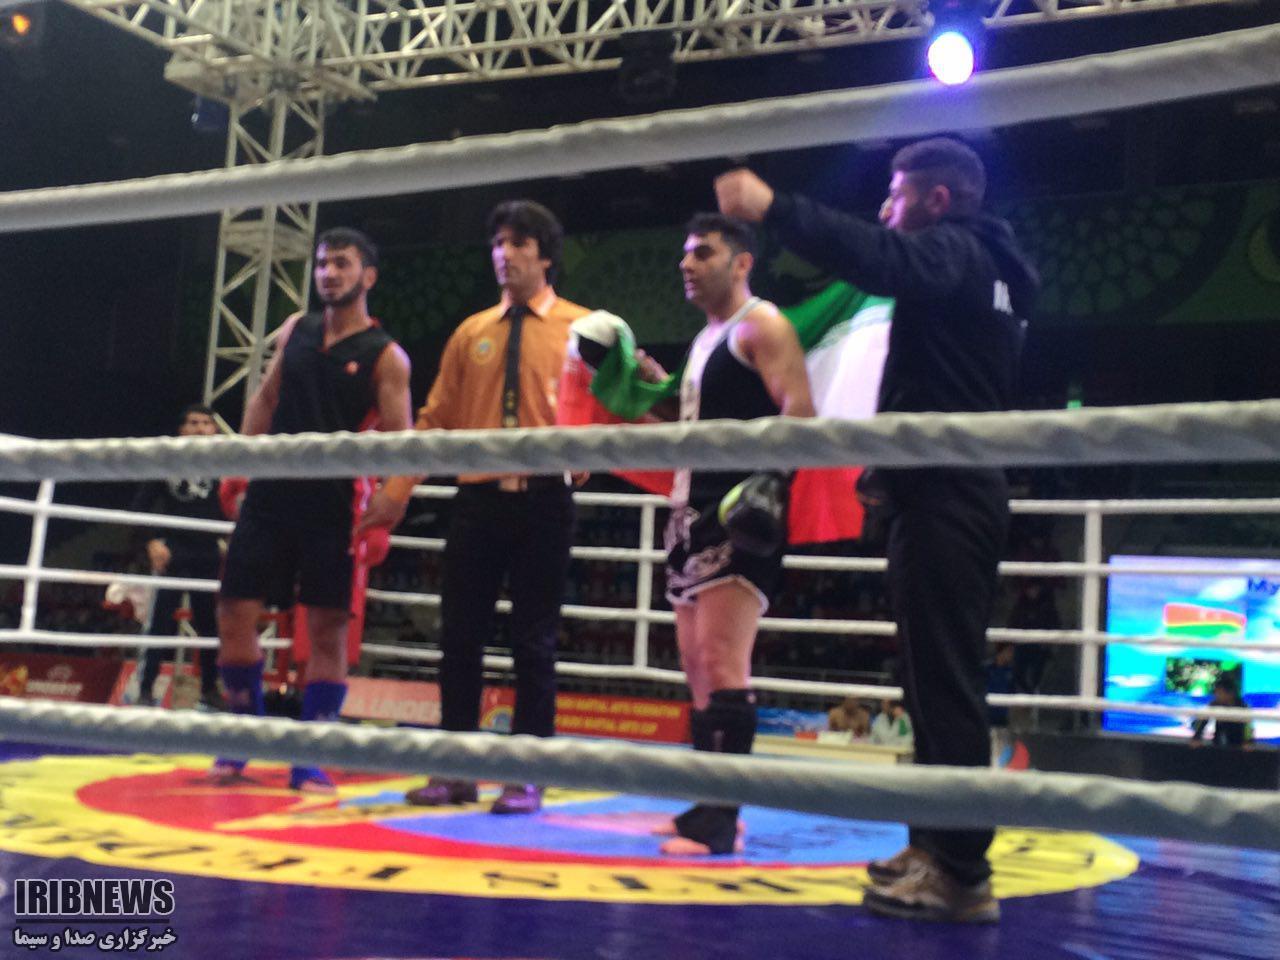 رزمی کار مهابادی مقام اول قهرمانی فستیوال جهانی مسابقات کیک بوکسینگ را کسب کرد